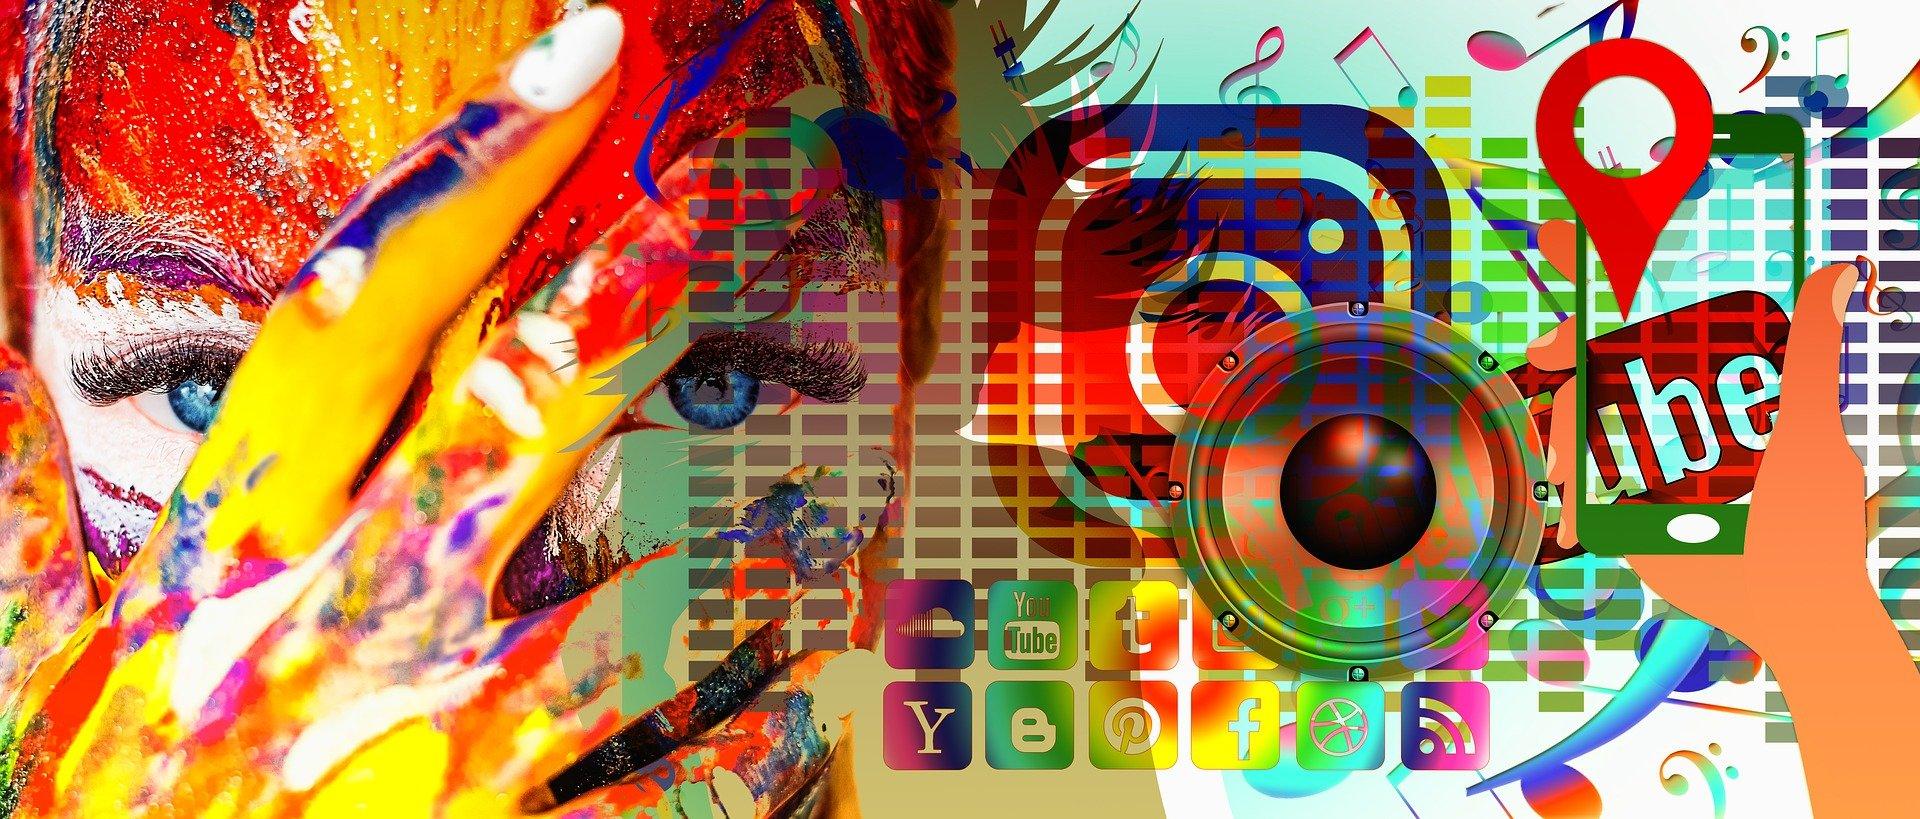 /UserFiles/File/Annuaire/annuaire_portails/soci/social-media-37583641920.jpg